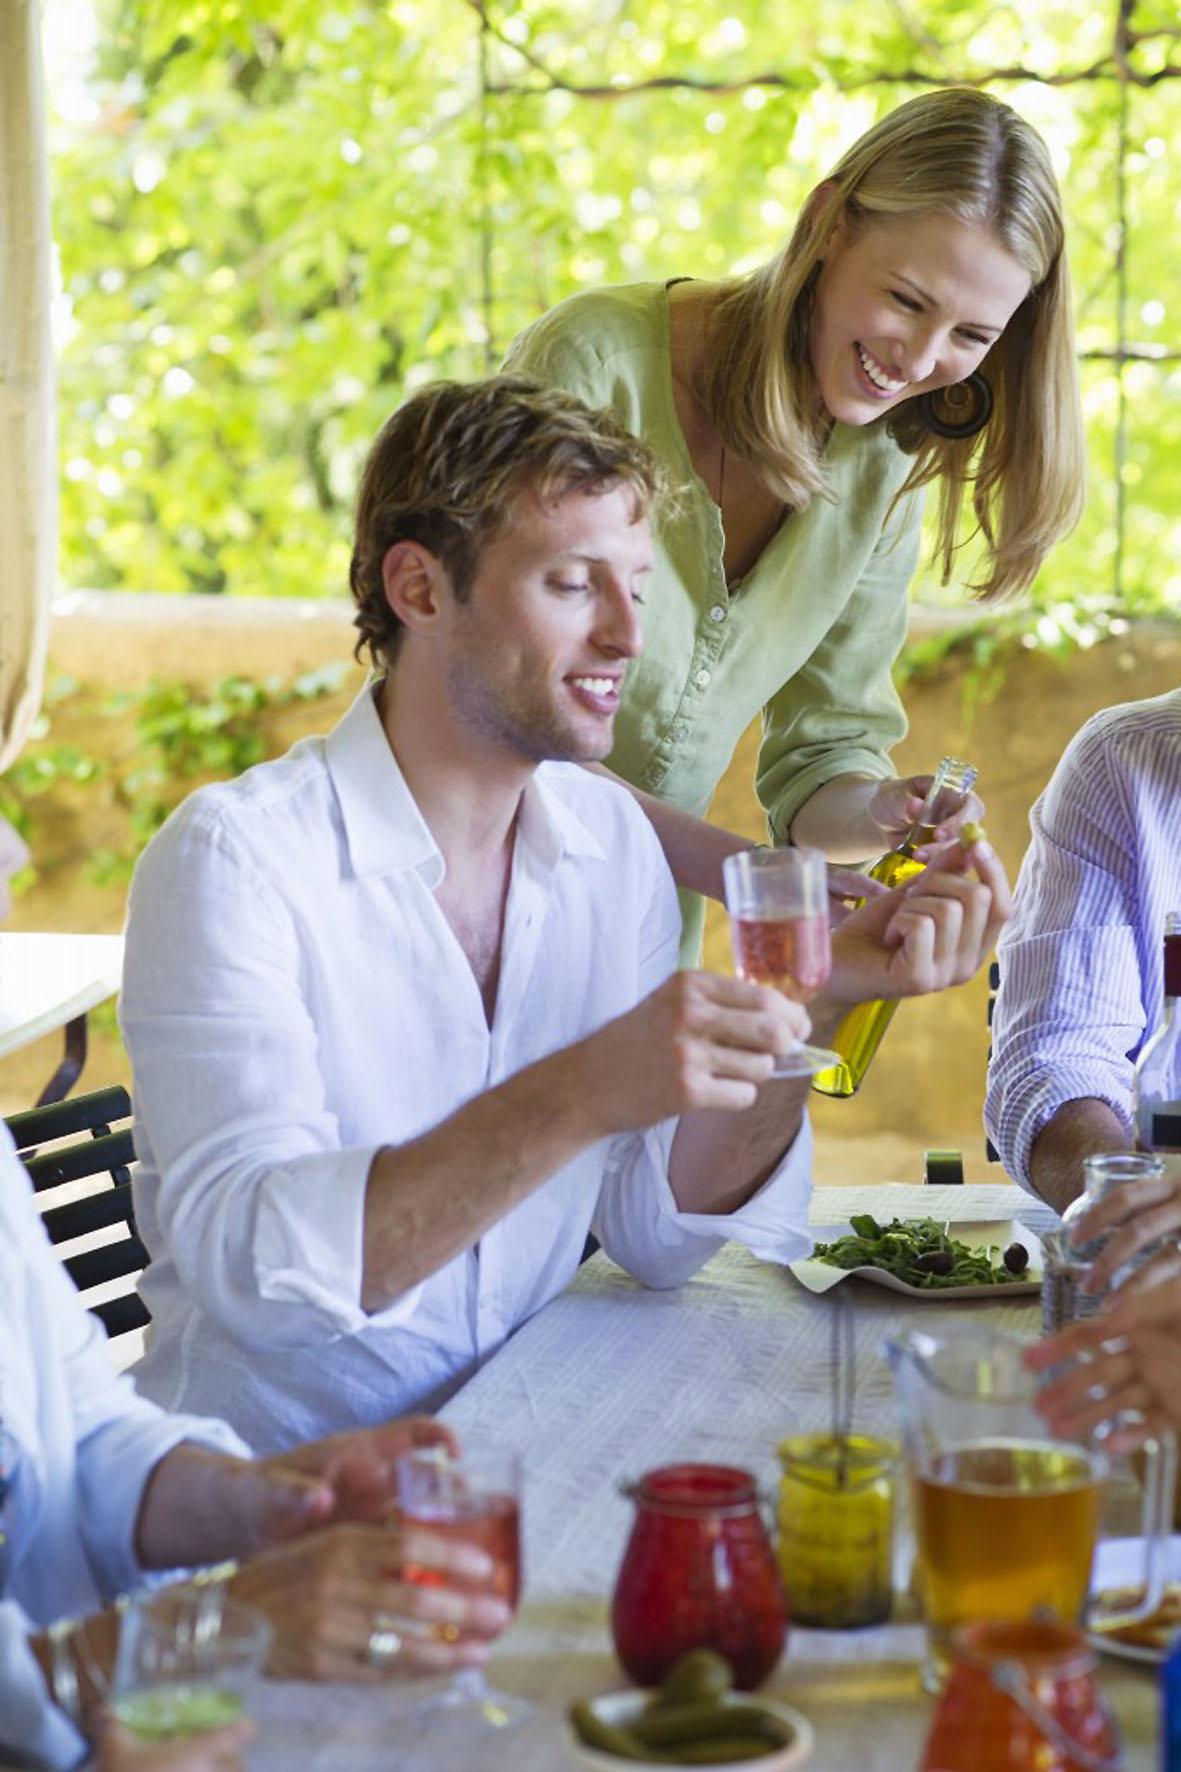 Den einen oder anderen Cocktails gemeinsam zu mixen, sorgt für einen kreativen Abend.